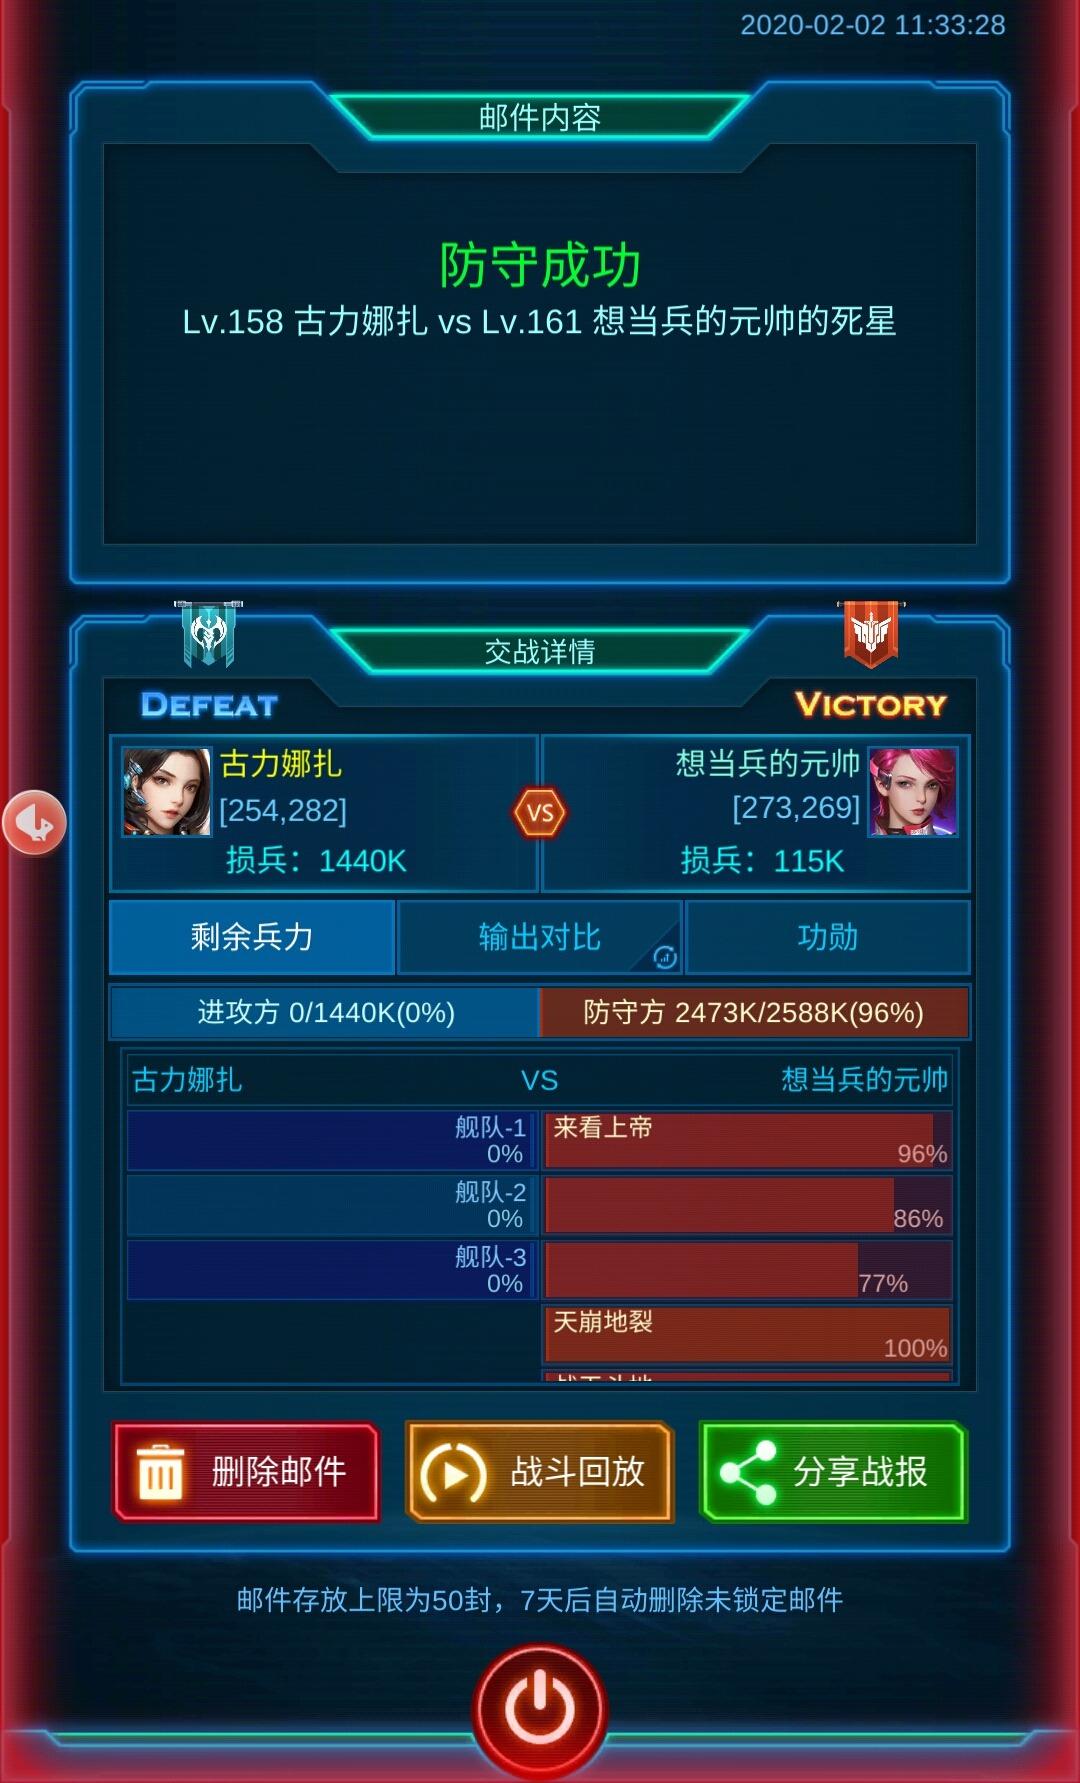 Screenshot_2020-02-02-13-37-53.jpg